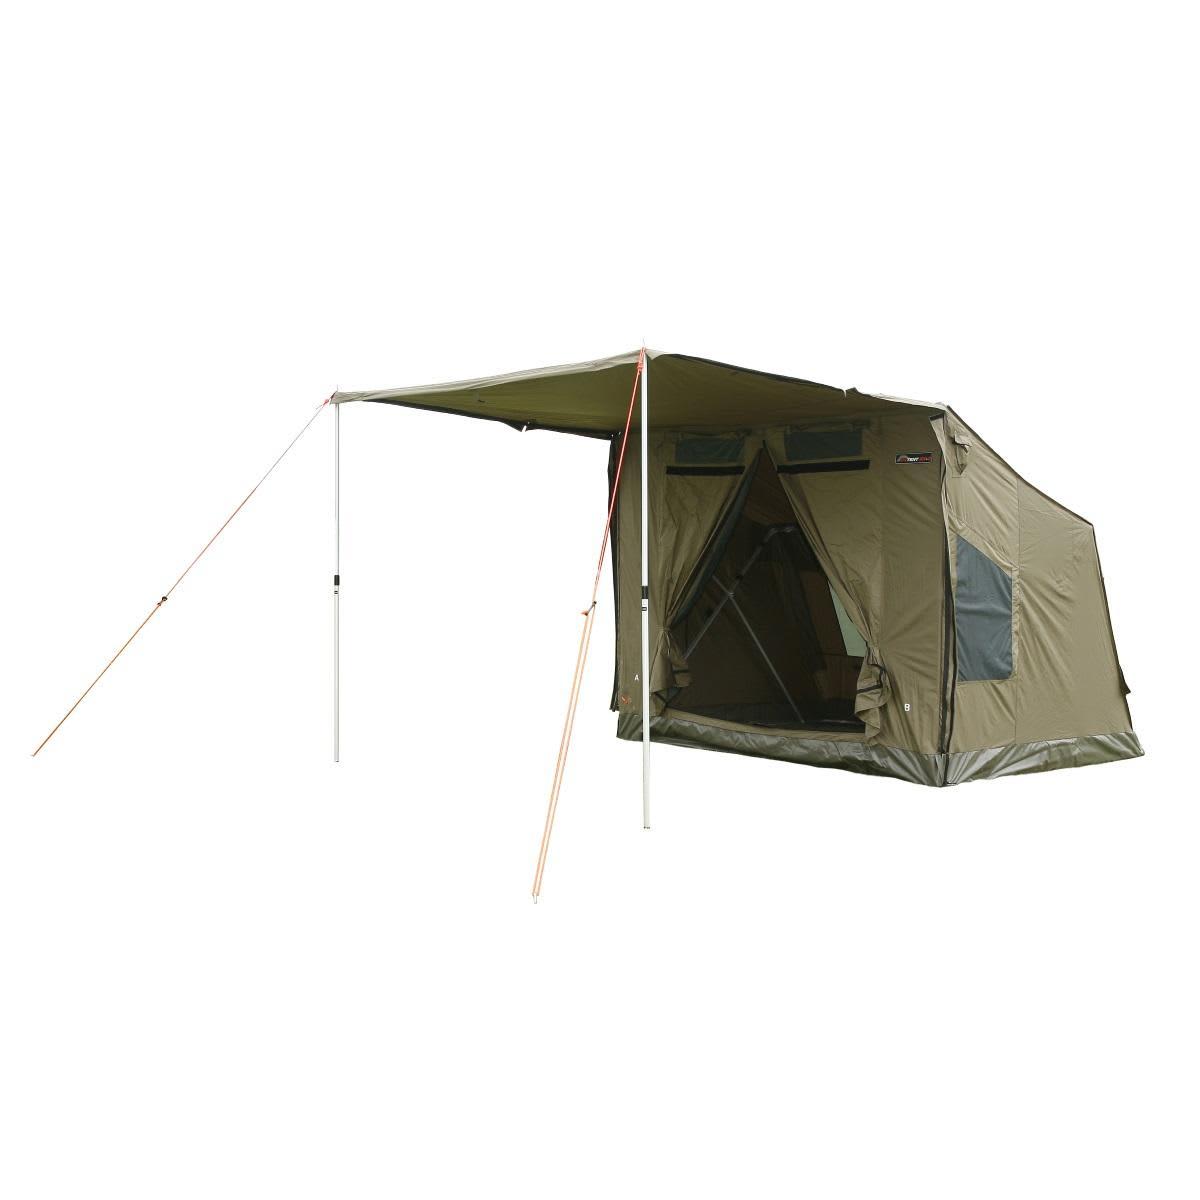 Oztent RV 3 24x2m Tent